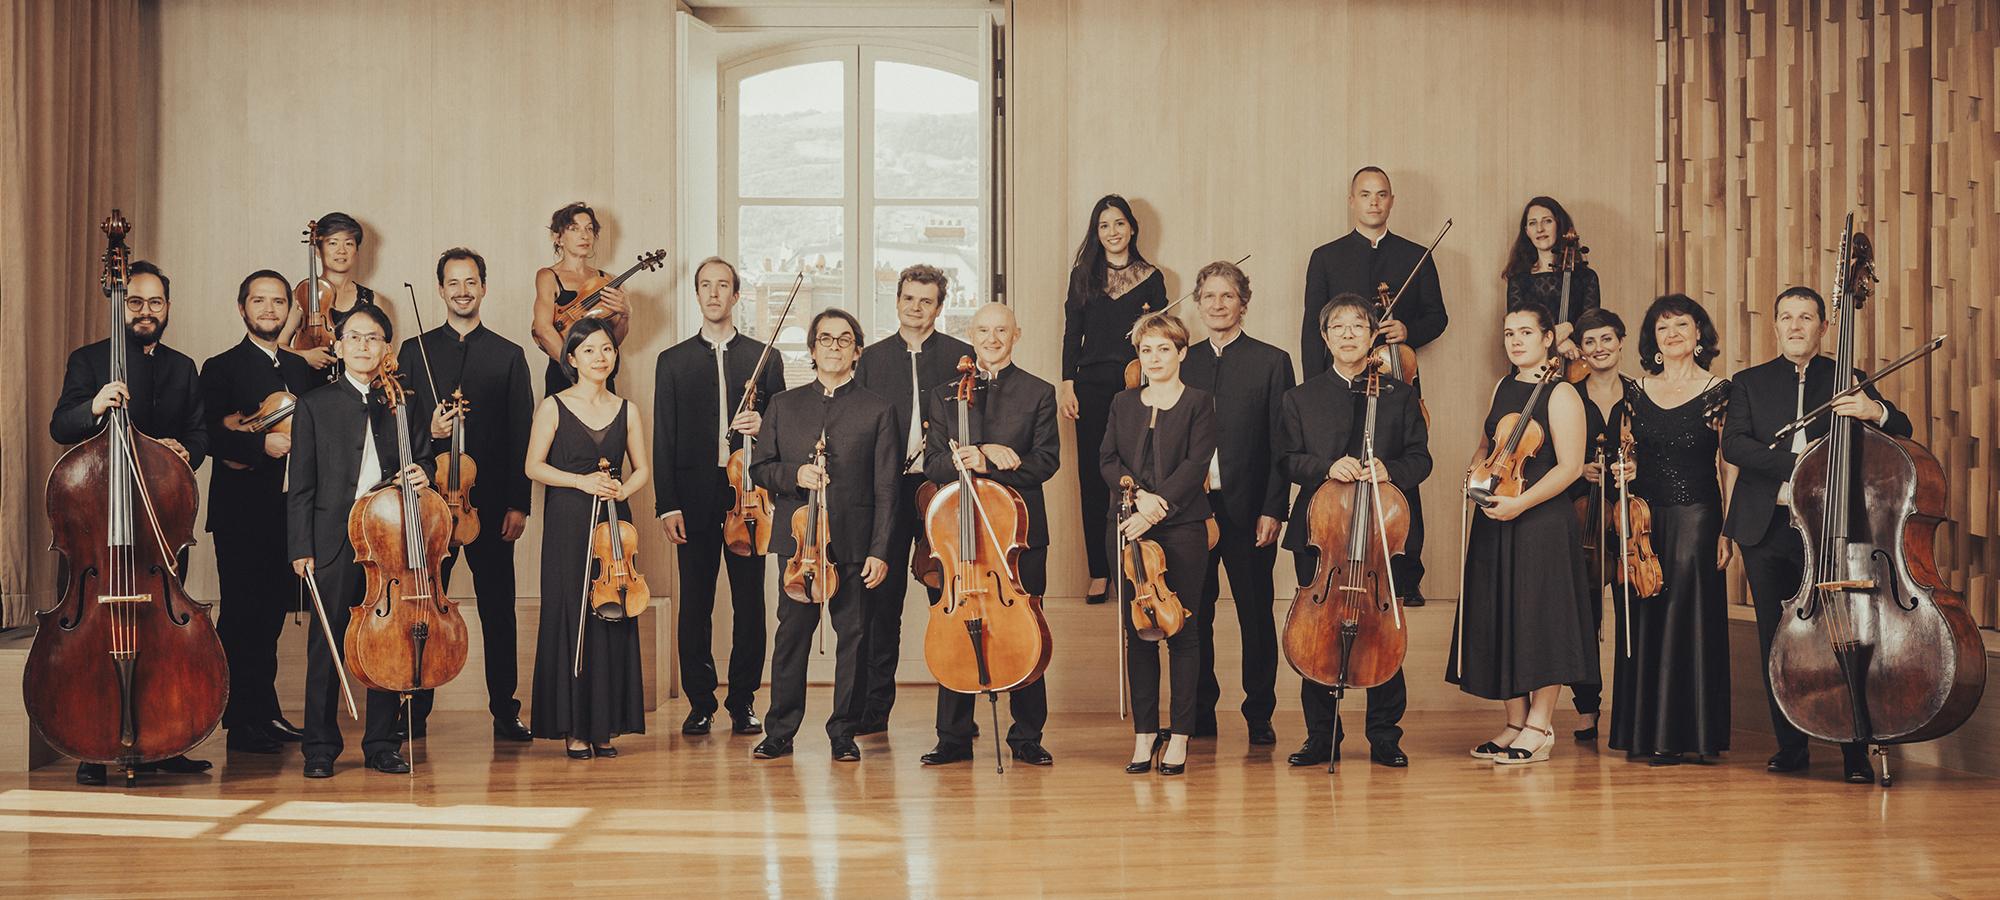 Orchestre national d'Auvergne ©Ava du Parc - J'Adore ce que vous faites (1)